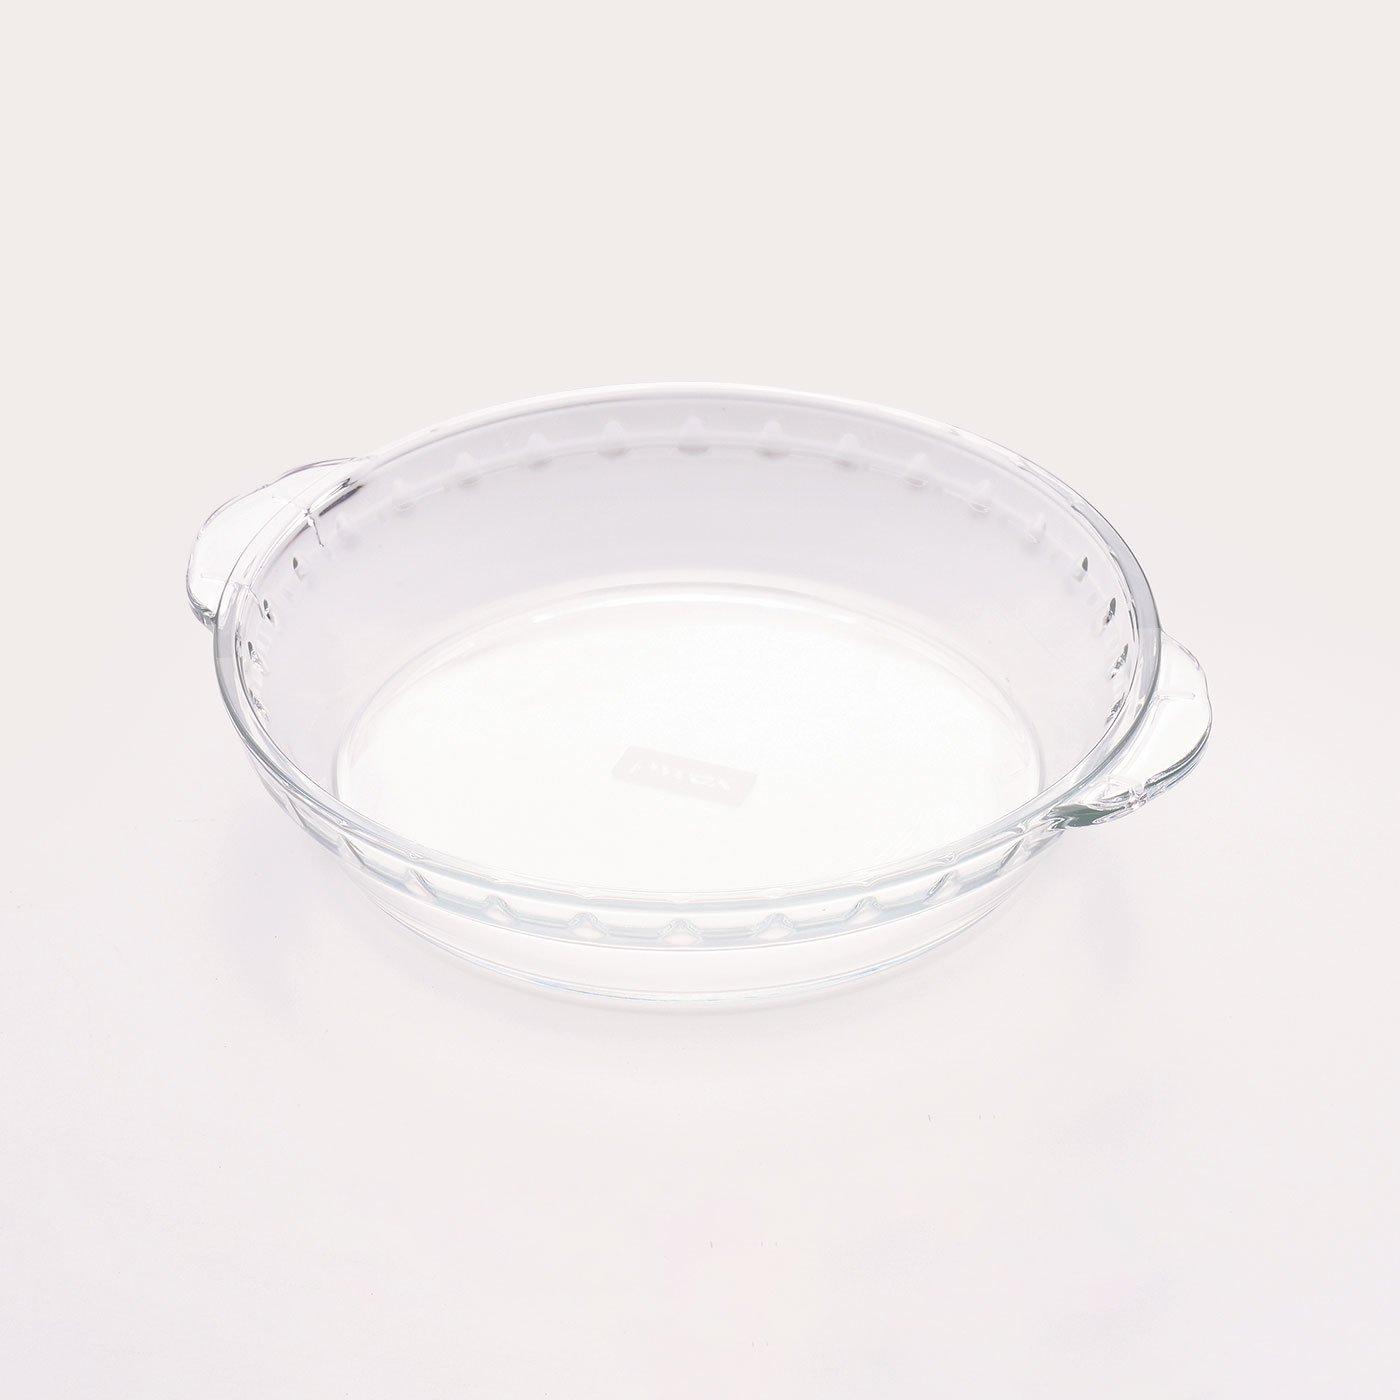 冷凍・レトルト食品のアレンジ幅広がる 耐熱ガラス皿 PYREX〈20cm〉